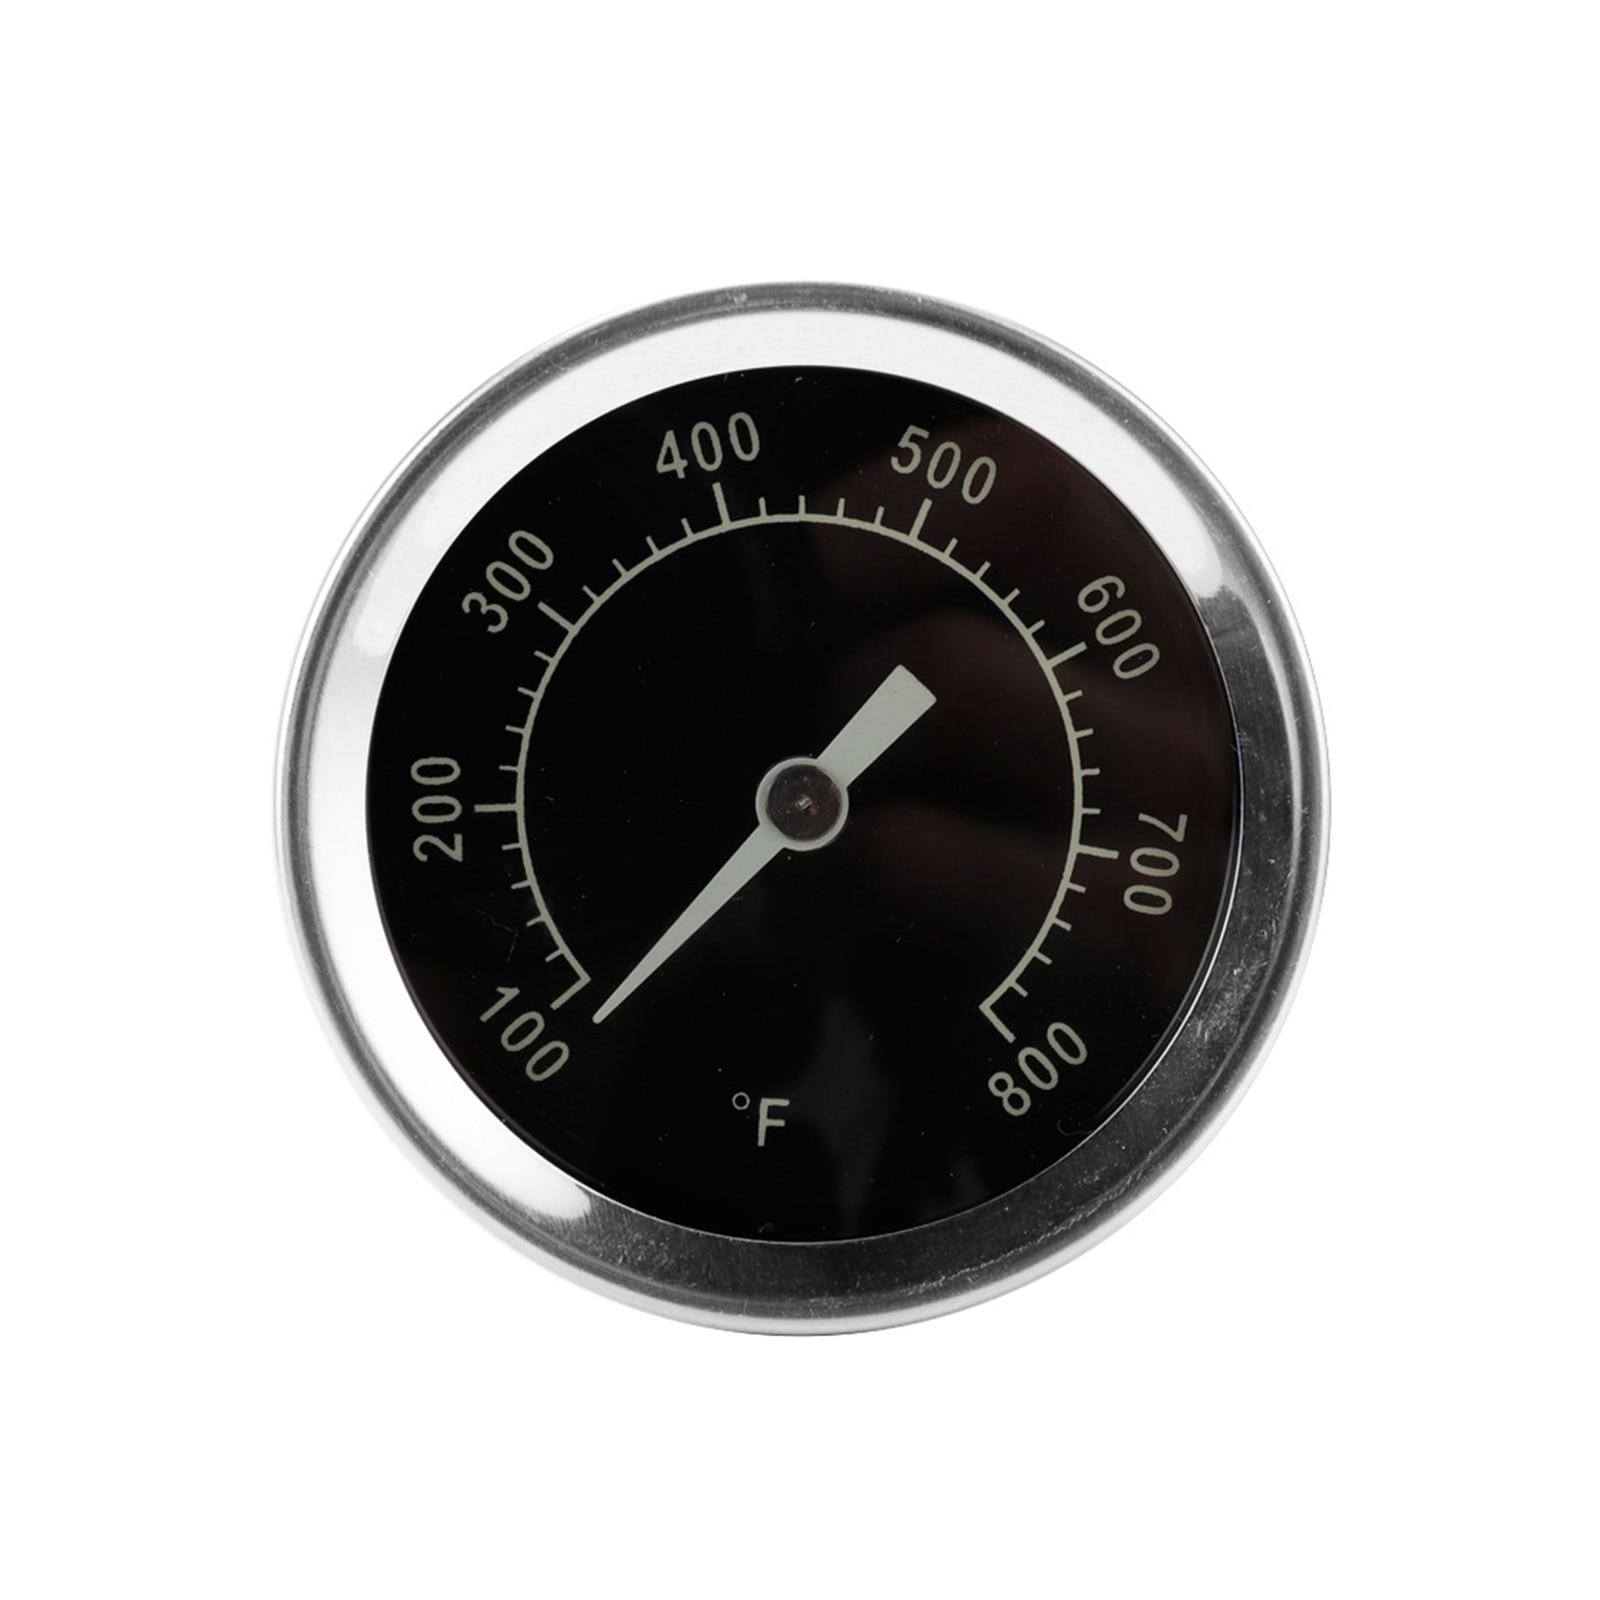 100-800 ℉ Кухня печь Термометры для барбекю Нержавеющаясталь Еда мяса Циферблат Термометр Температура датчик предметы домашнего обихода